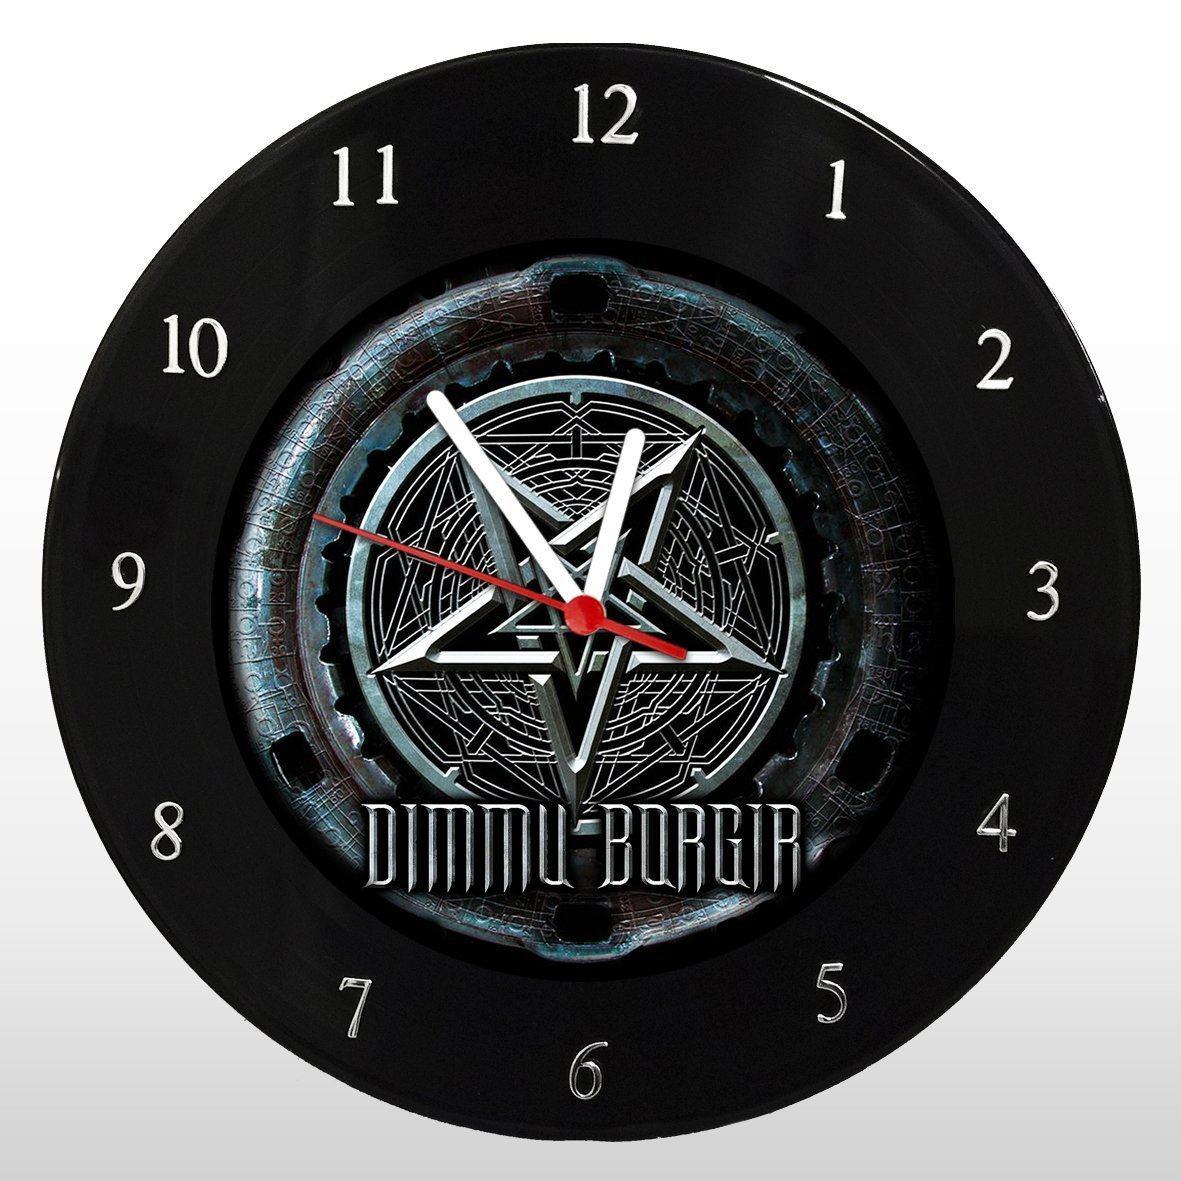 Dimmu Borgir - Relógio de Parede em Disco de Vinil - Mr. Rock